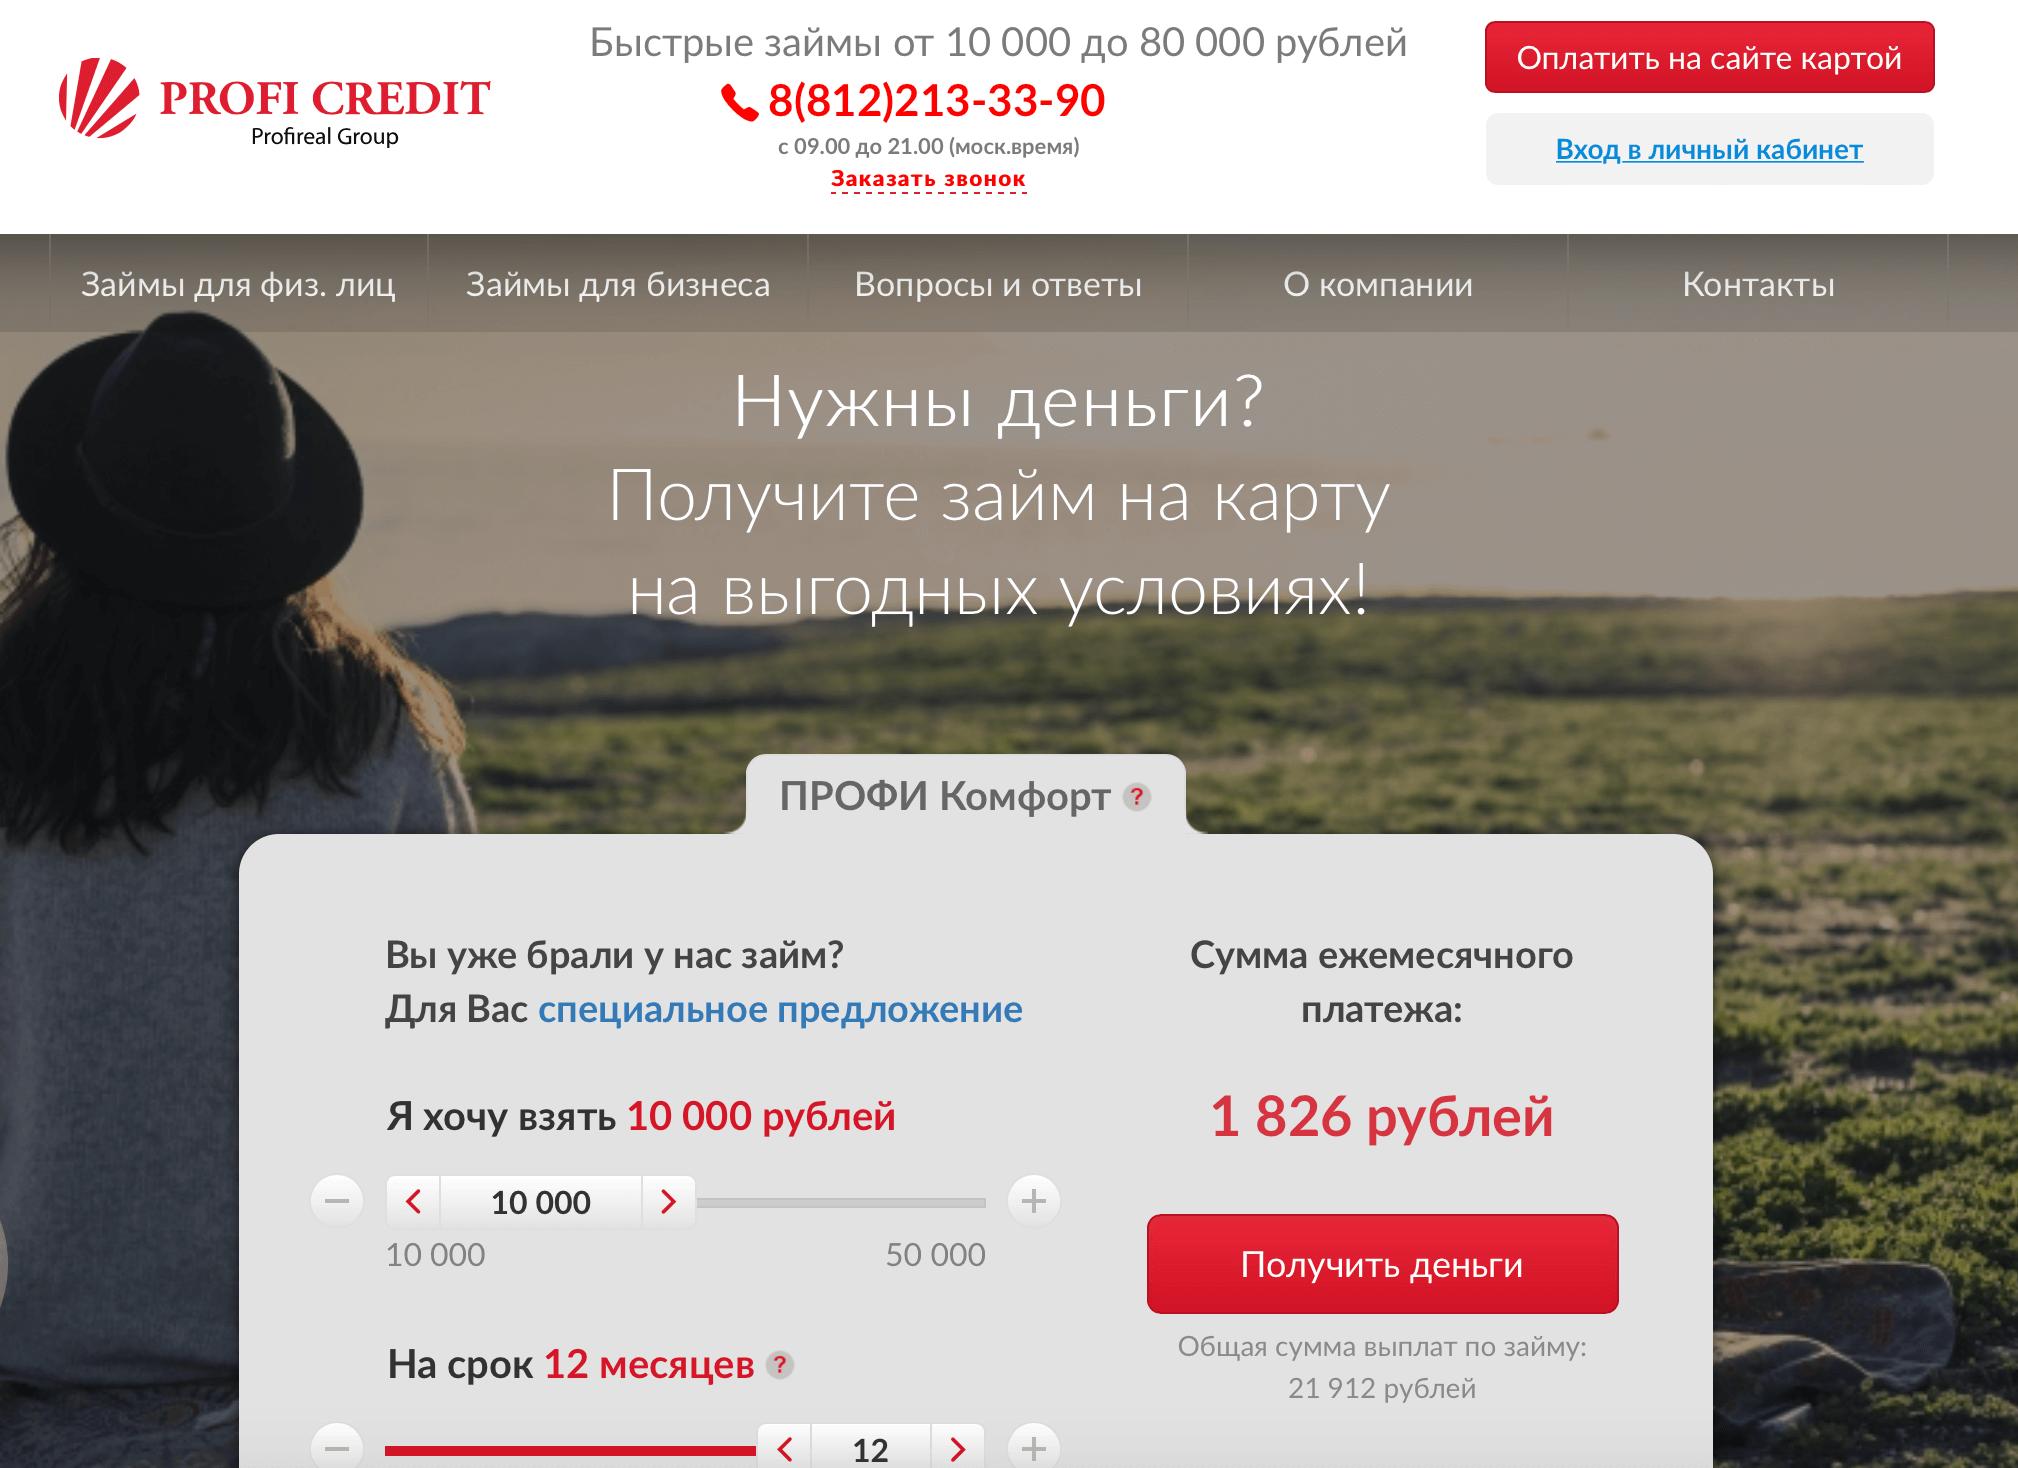 Официальный сайт профи кредит